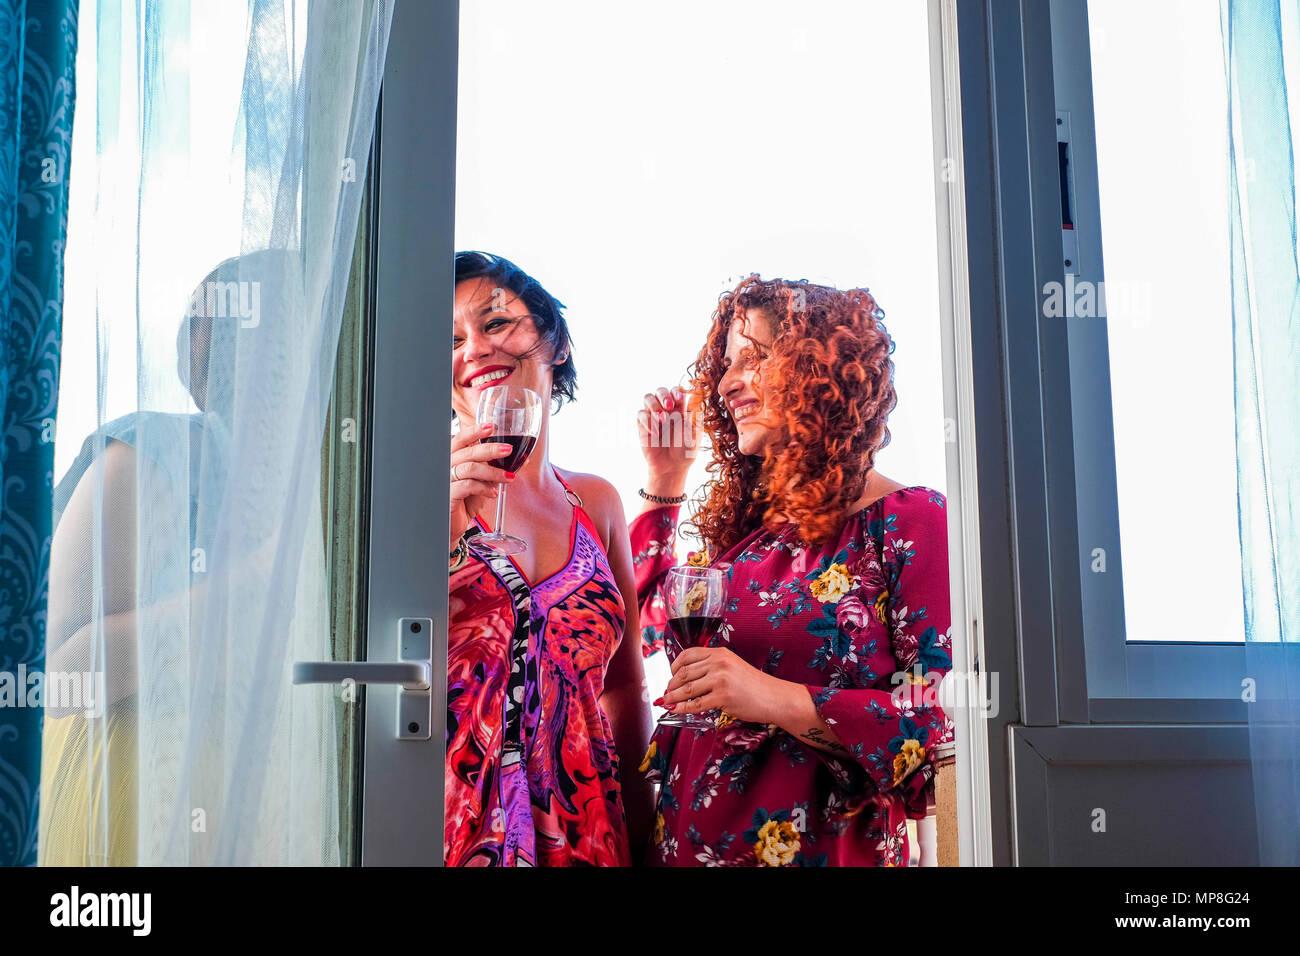 Tre donne caucasici giovani a casa all'aperto sulla terrazza di fare festa e parte il tempo di bere un bicchiere di vino. Il sorriso e la felicità in amicizia Immagini Stock